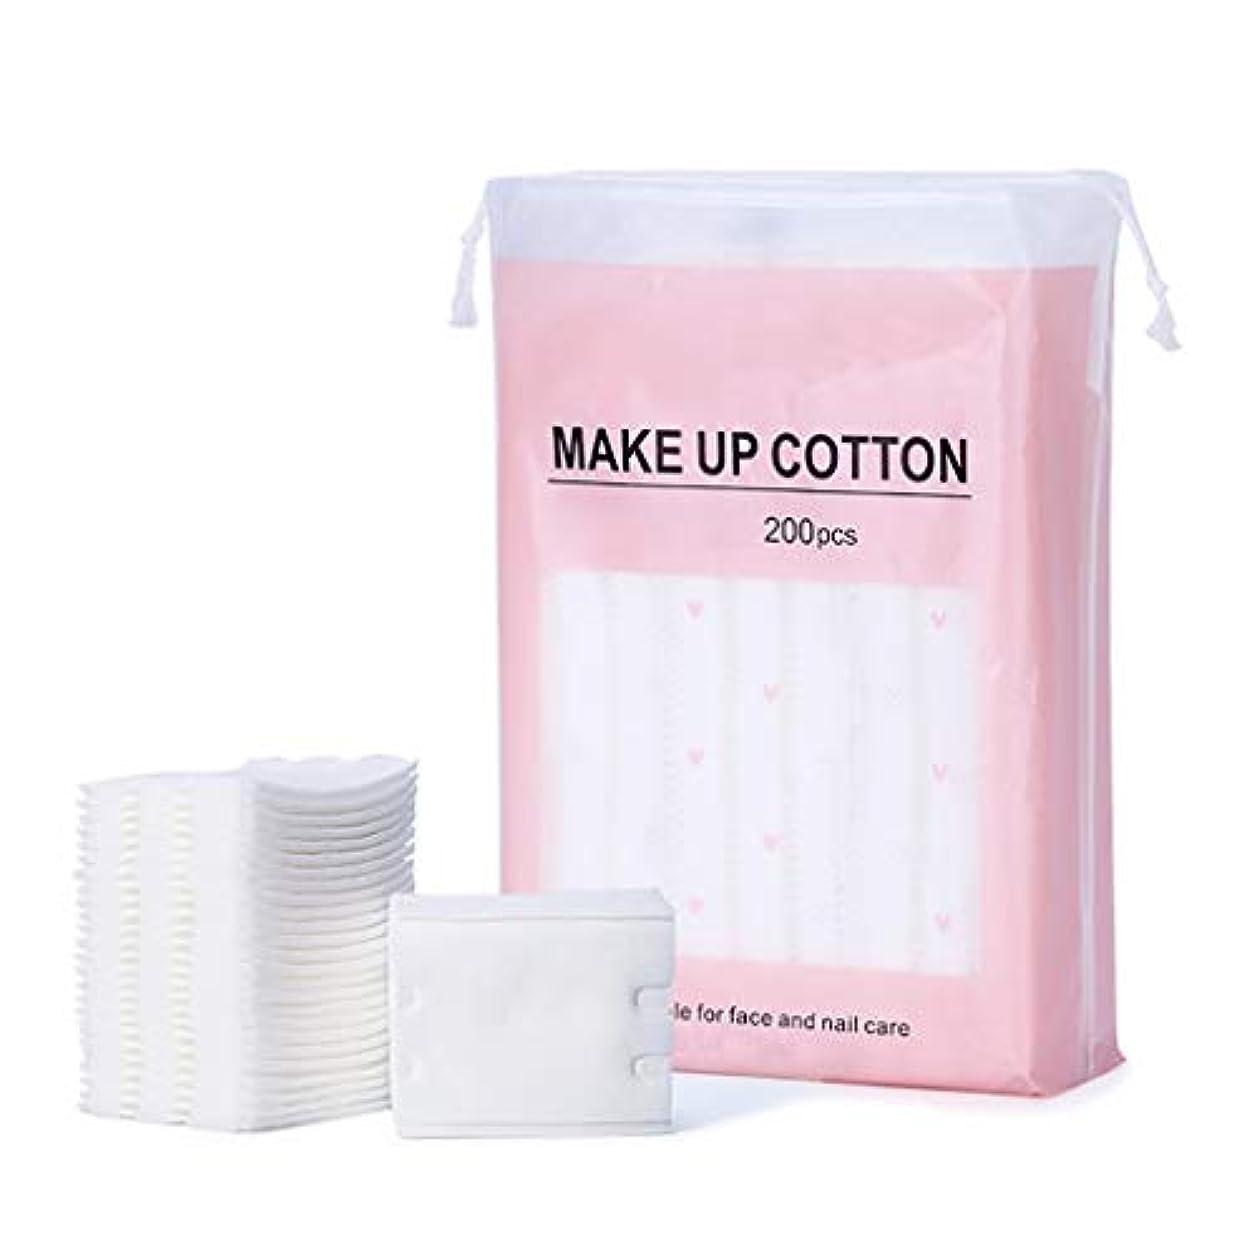 クレンジングシート 200ピース三層化粧品コットンパッド拭きナチュラル毎日用品フェイシャルコットンメイク落としツール (Color : White)